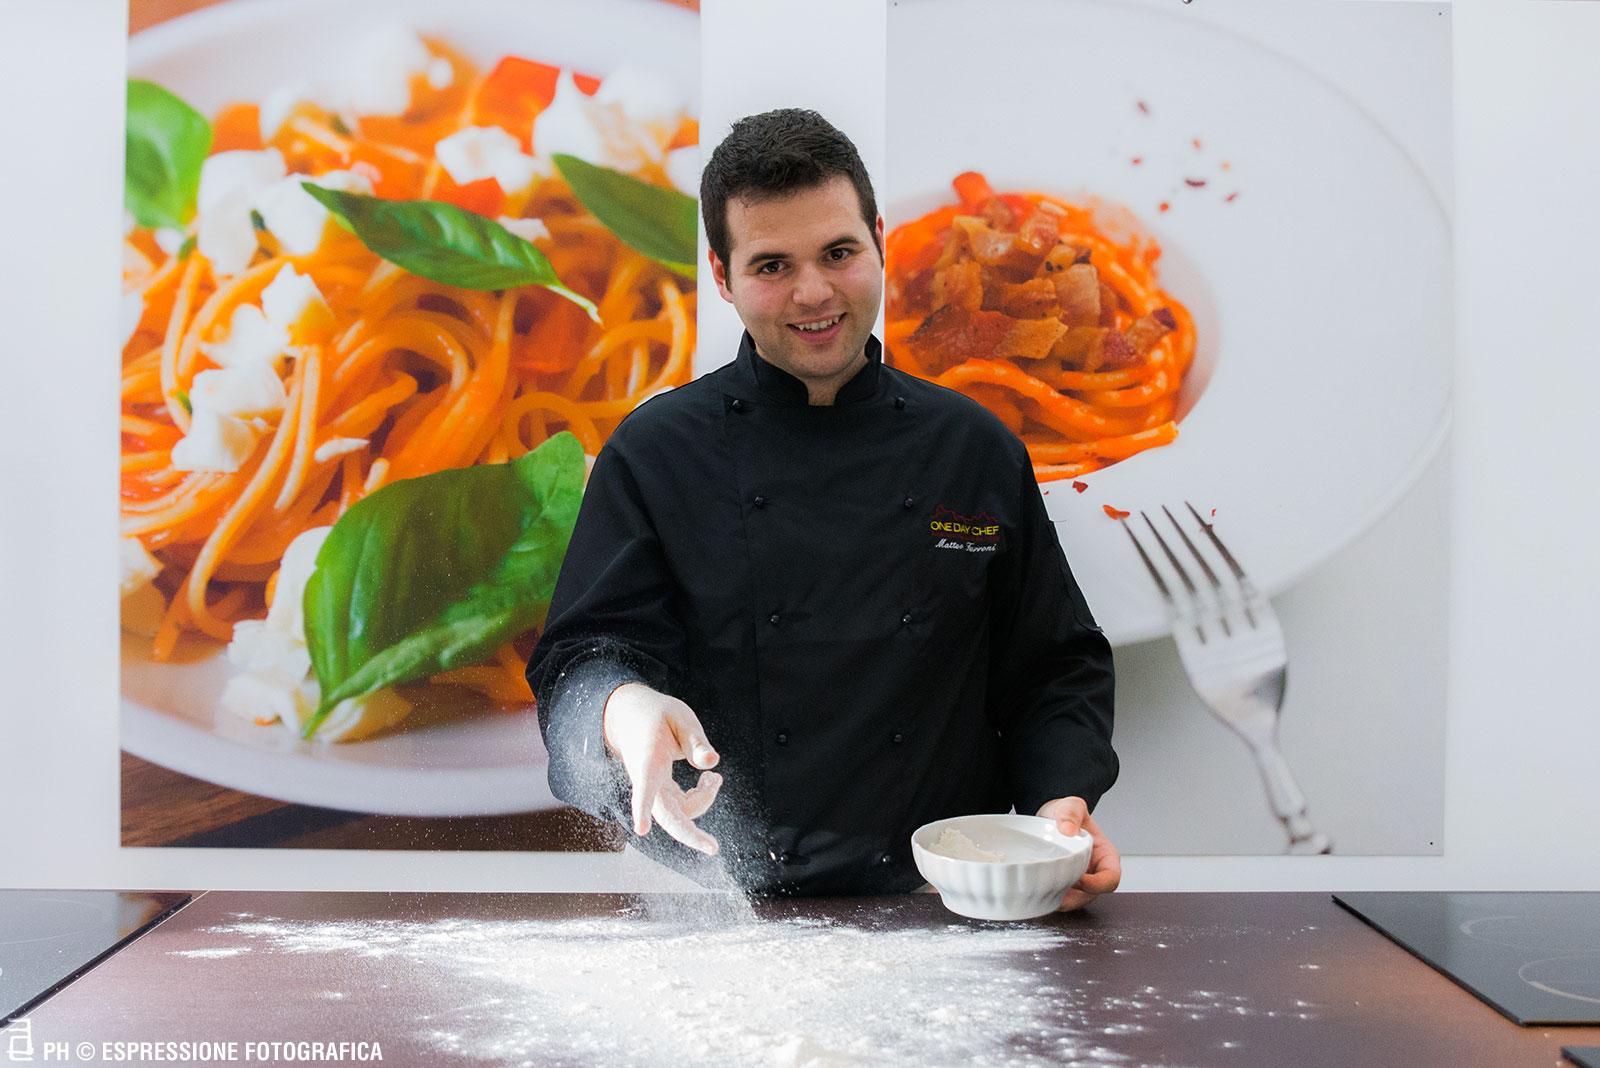 Chef Matteo Ferroni